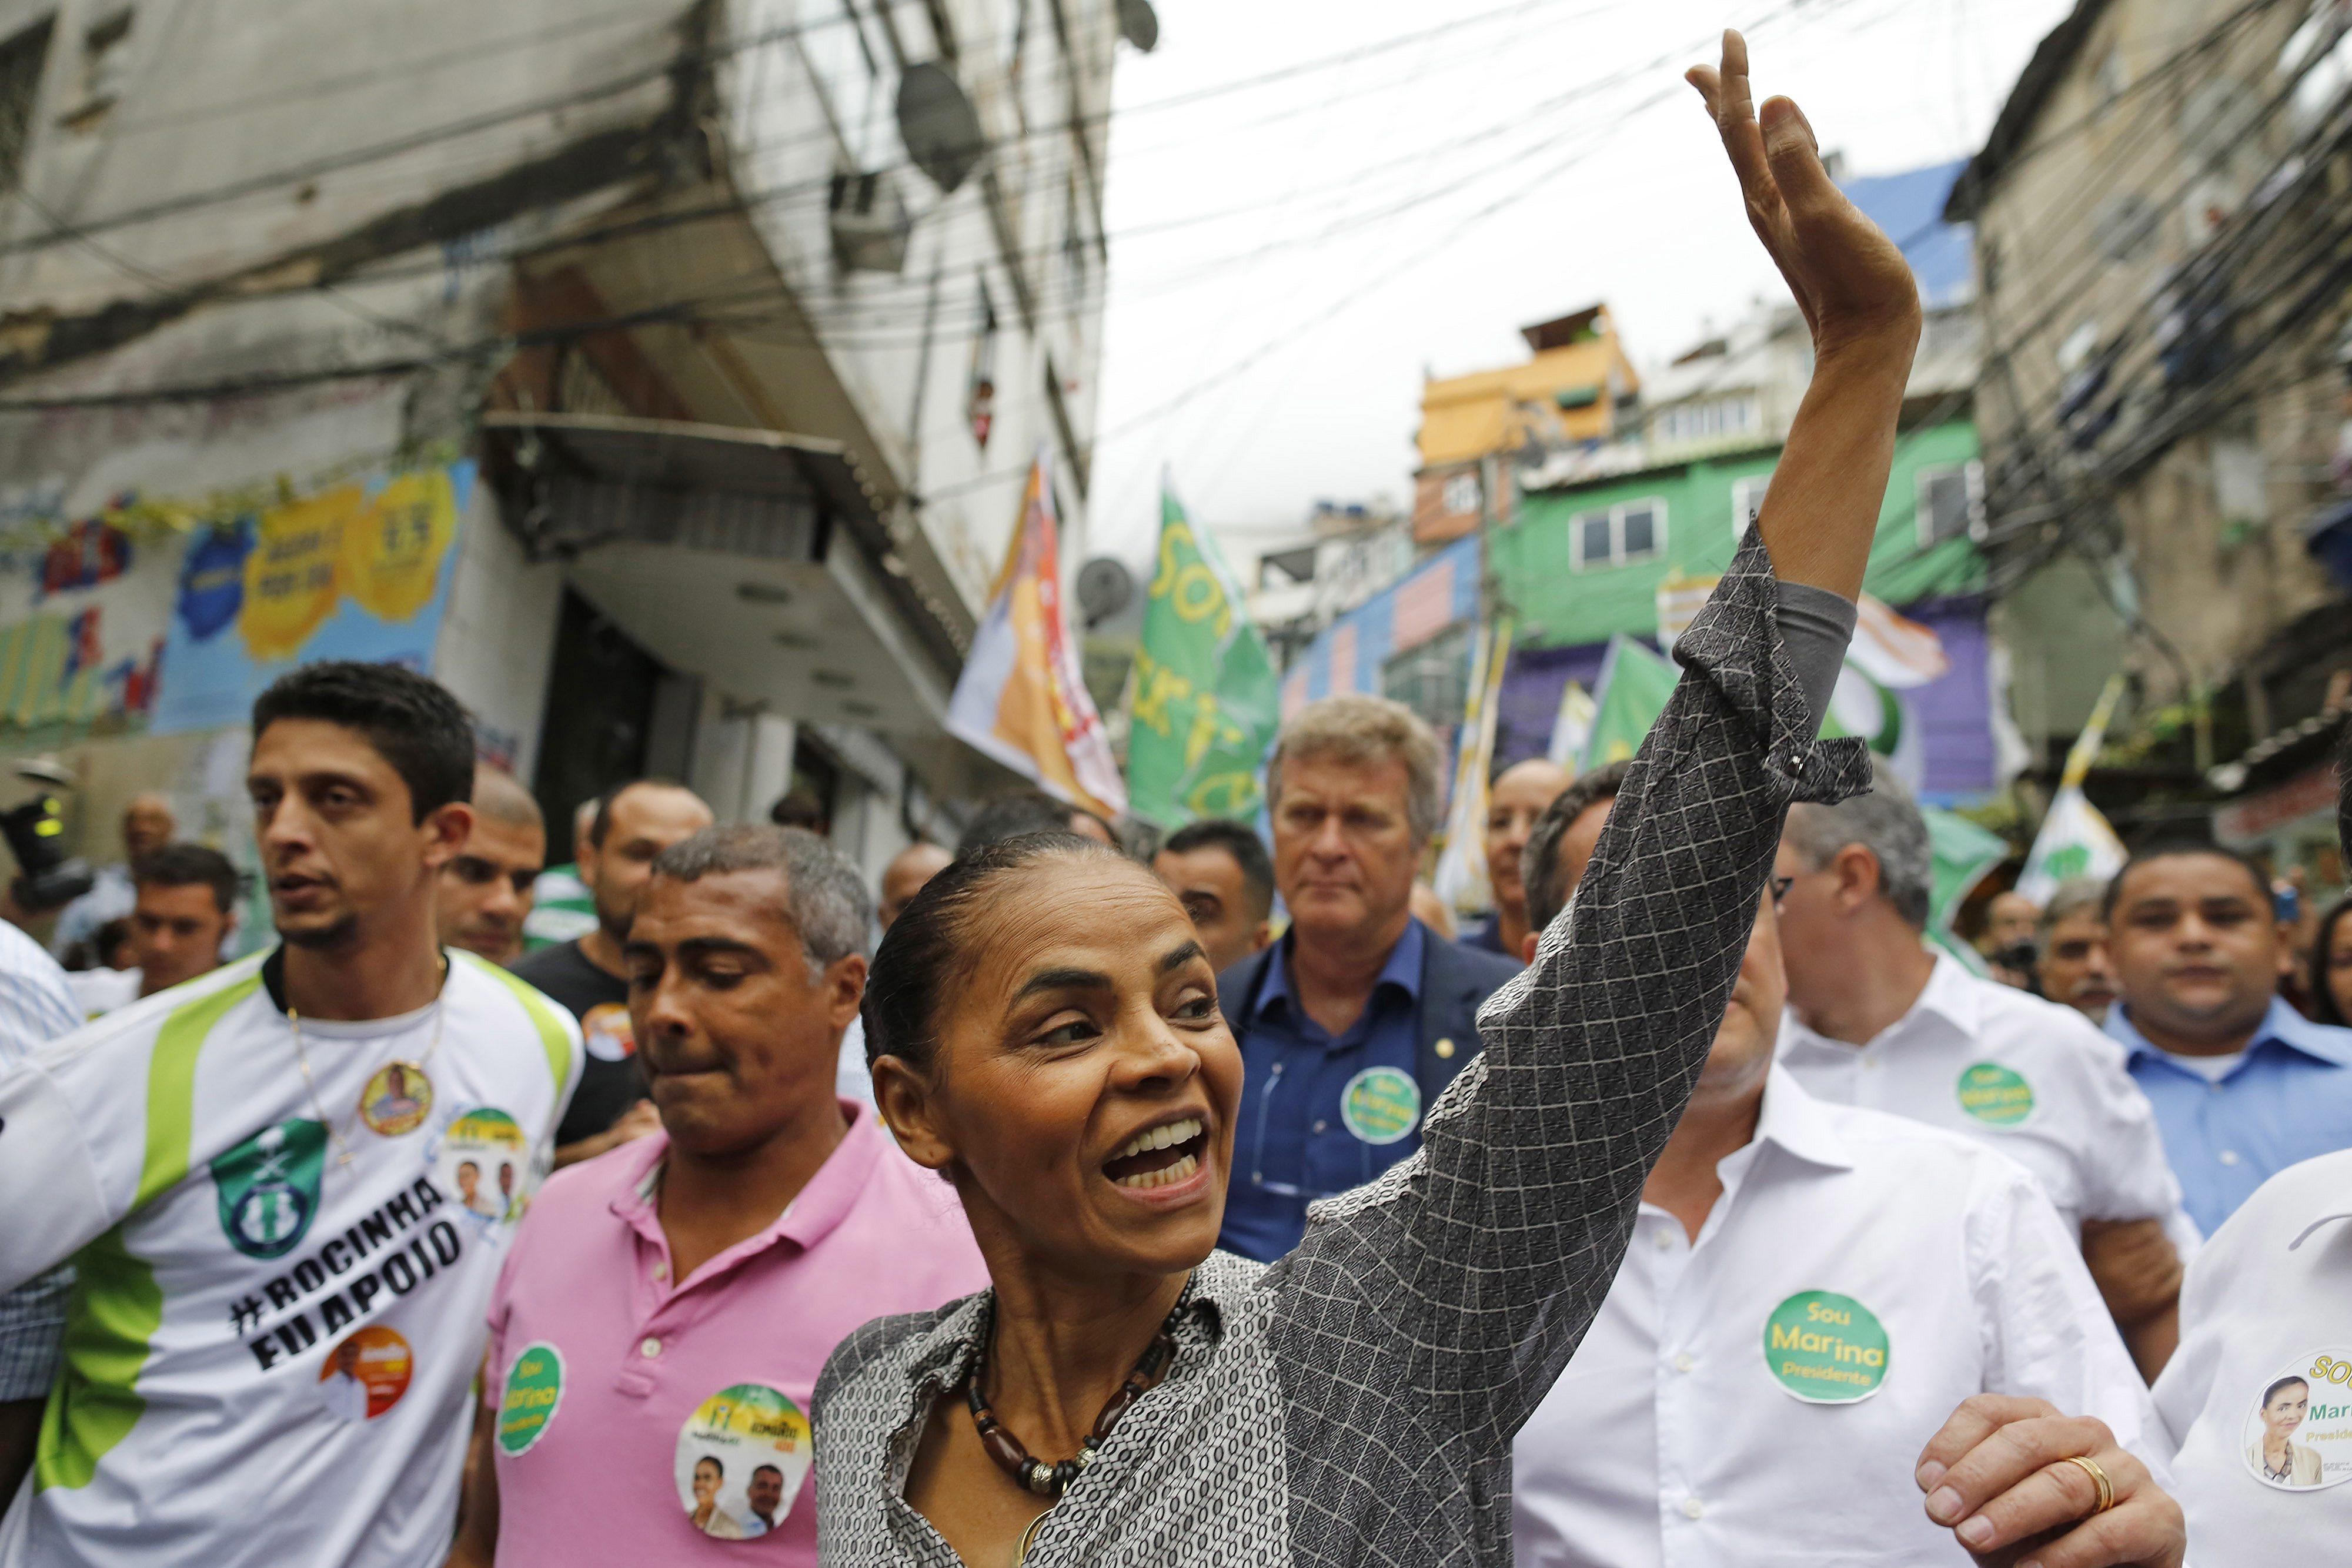 Conférence de l'ancienne ministre de l'environnement du Brésil le 8 décembre 2015